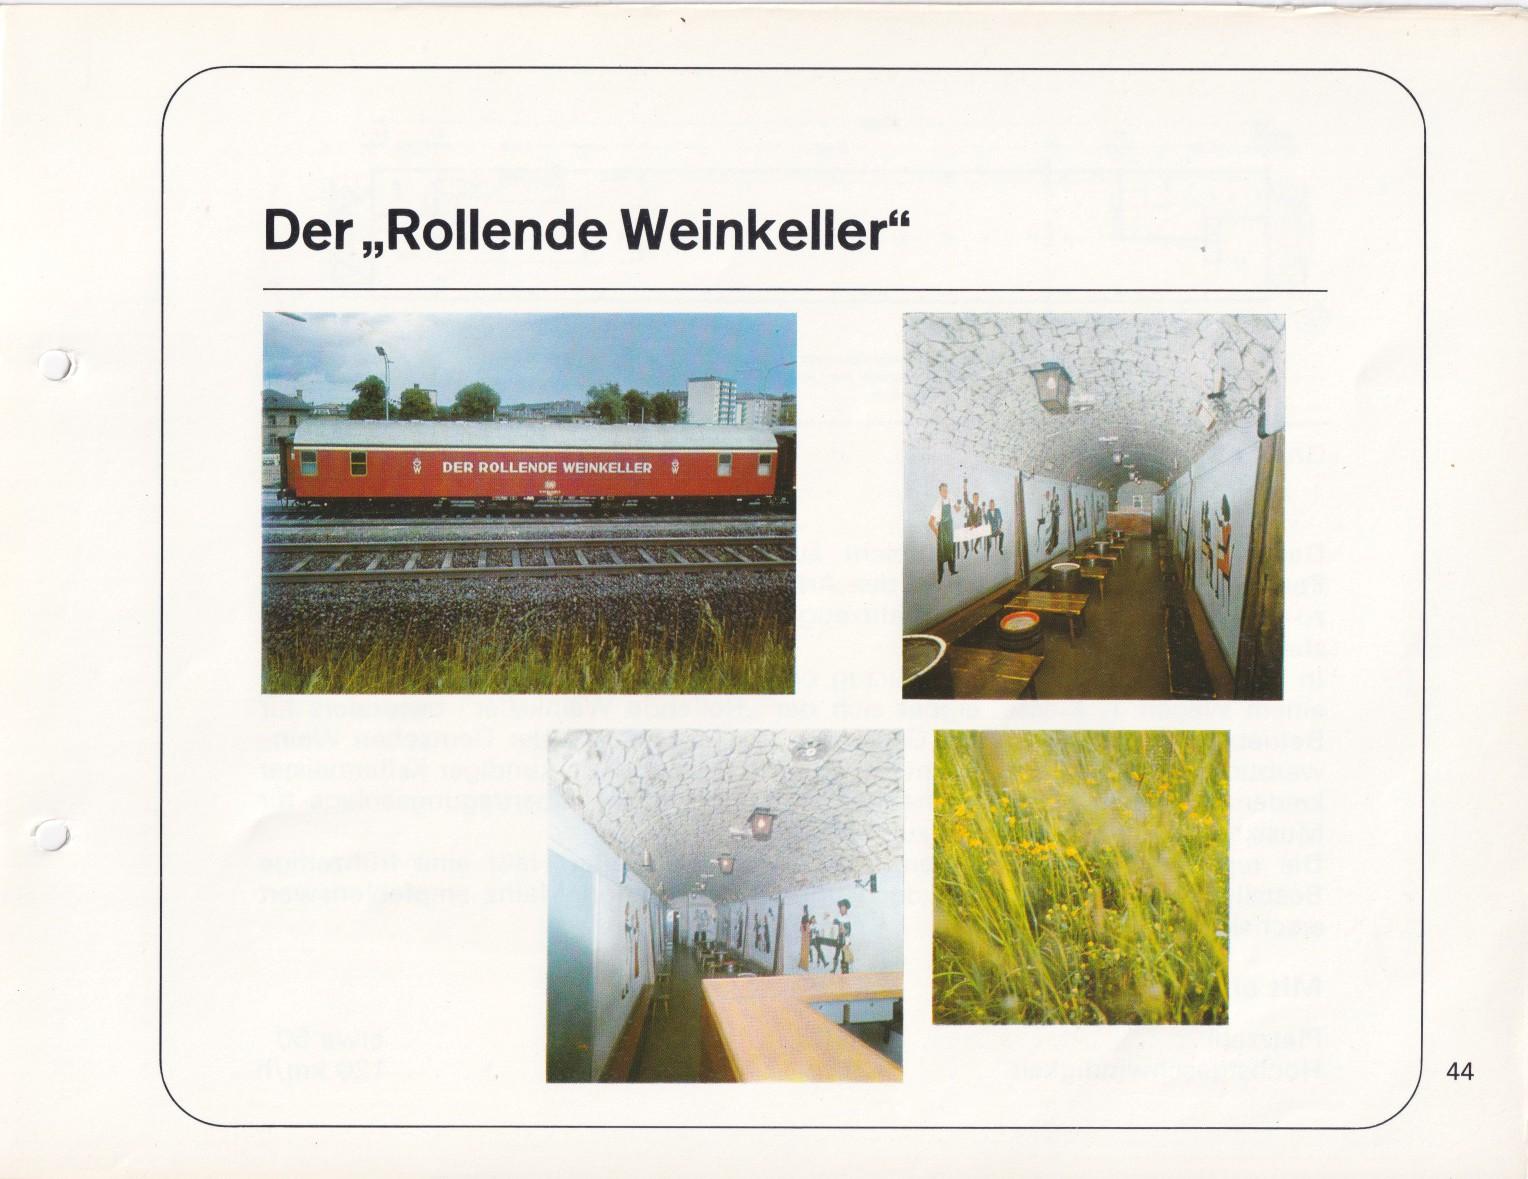 https://www.nullclub.de/hifo/Fahrzeuglexikon/Wagen44a.jpg